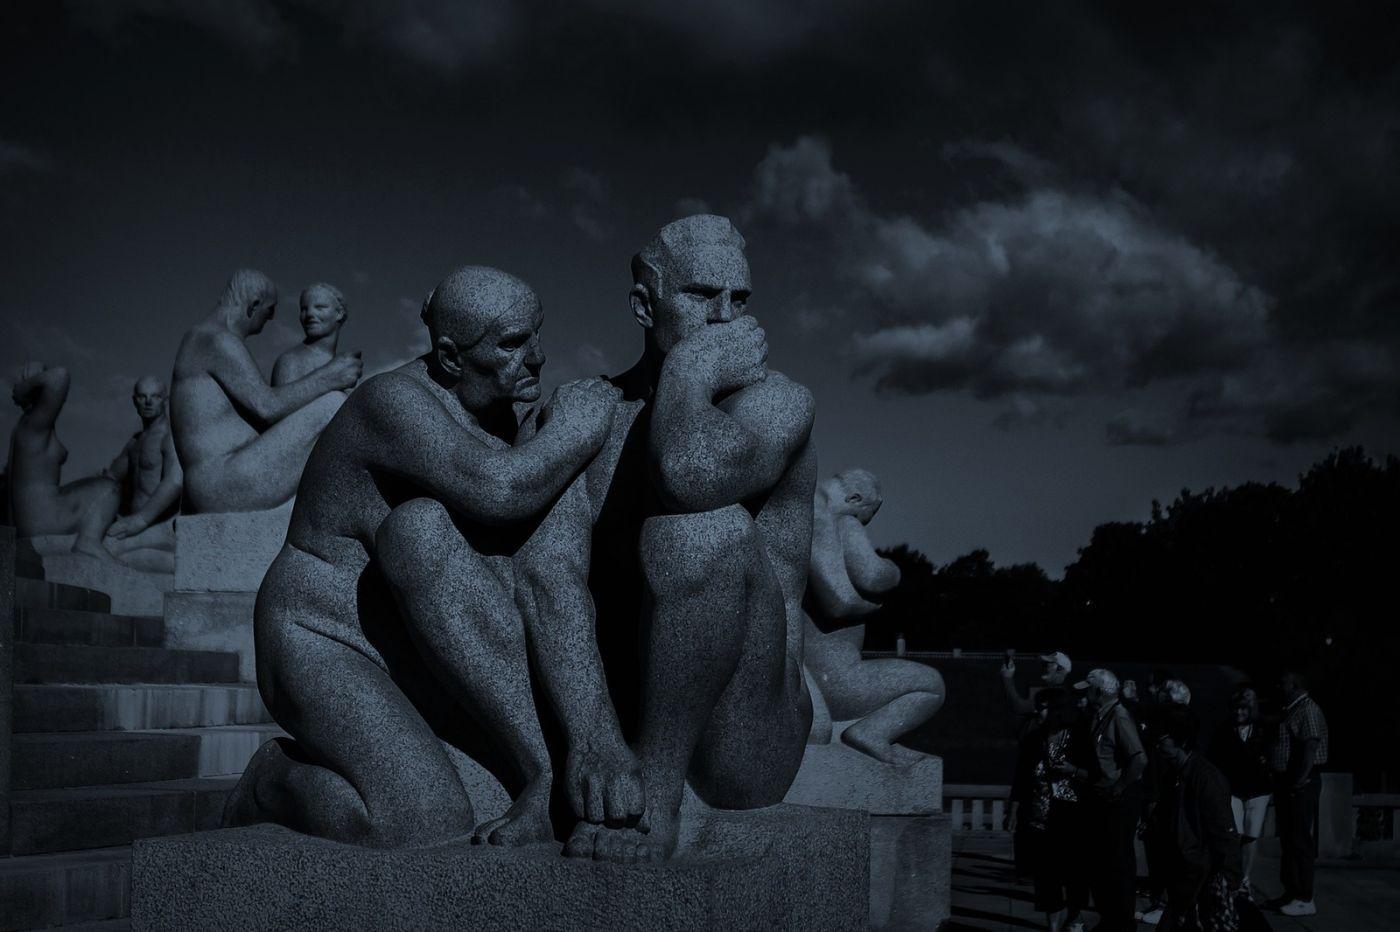 挪威维格兰雕塑公园,艺术的确来自生活_图1-13